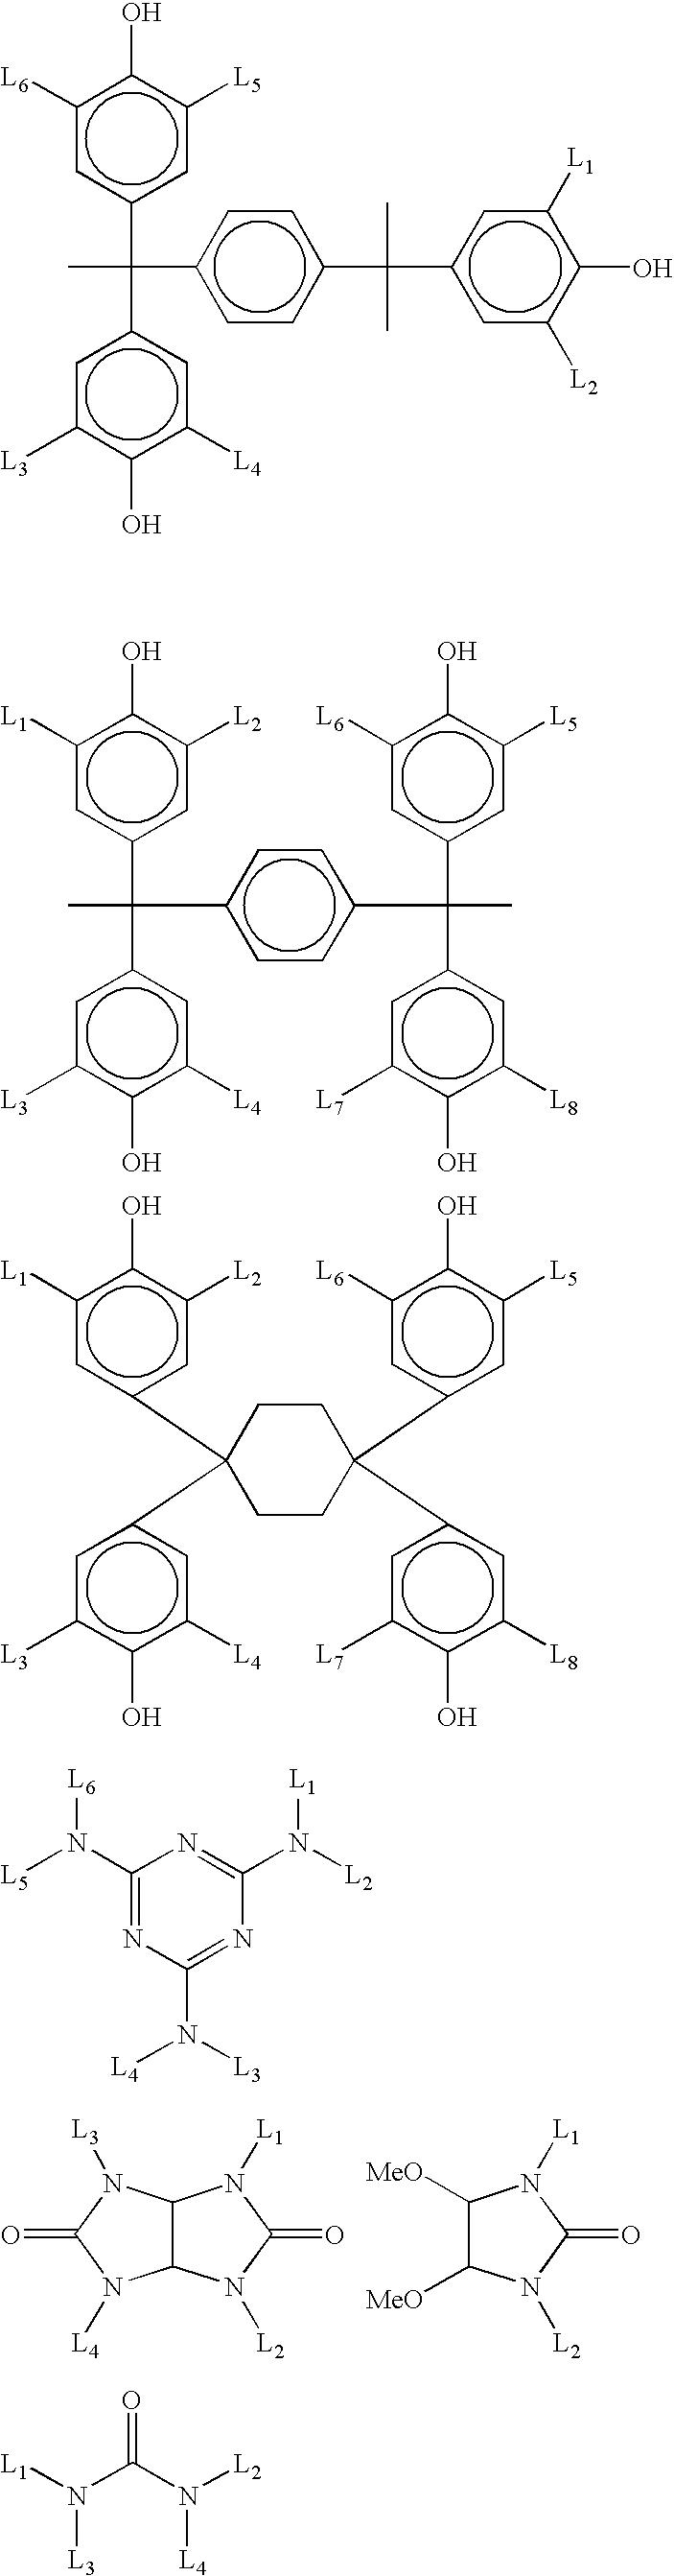 Figure US08404427-20130326-C00092